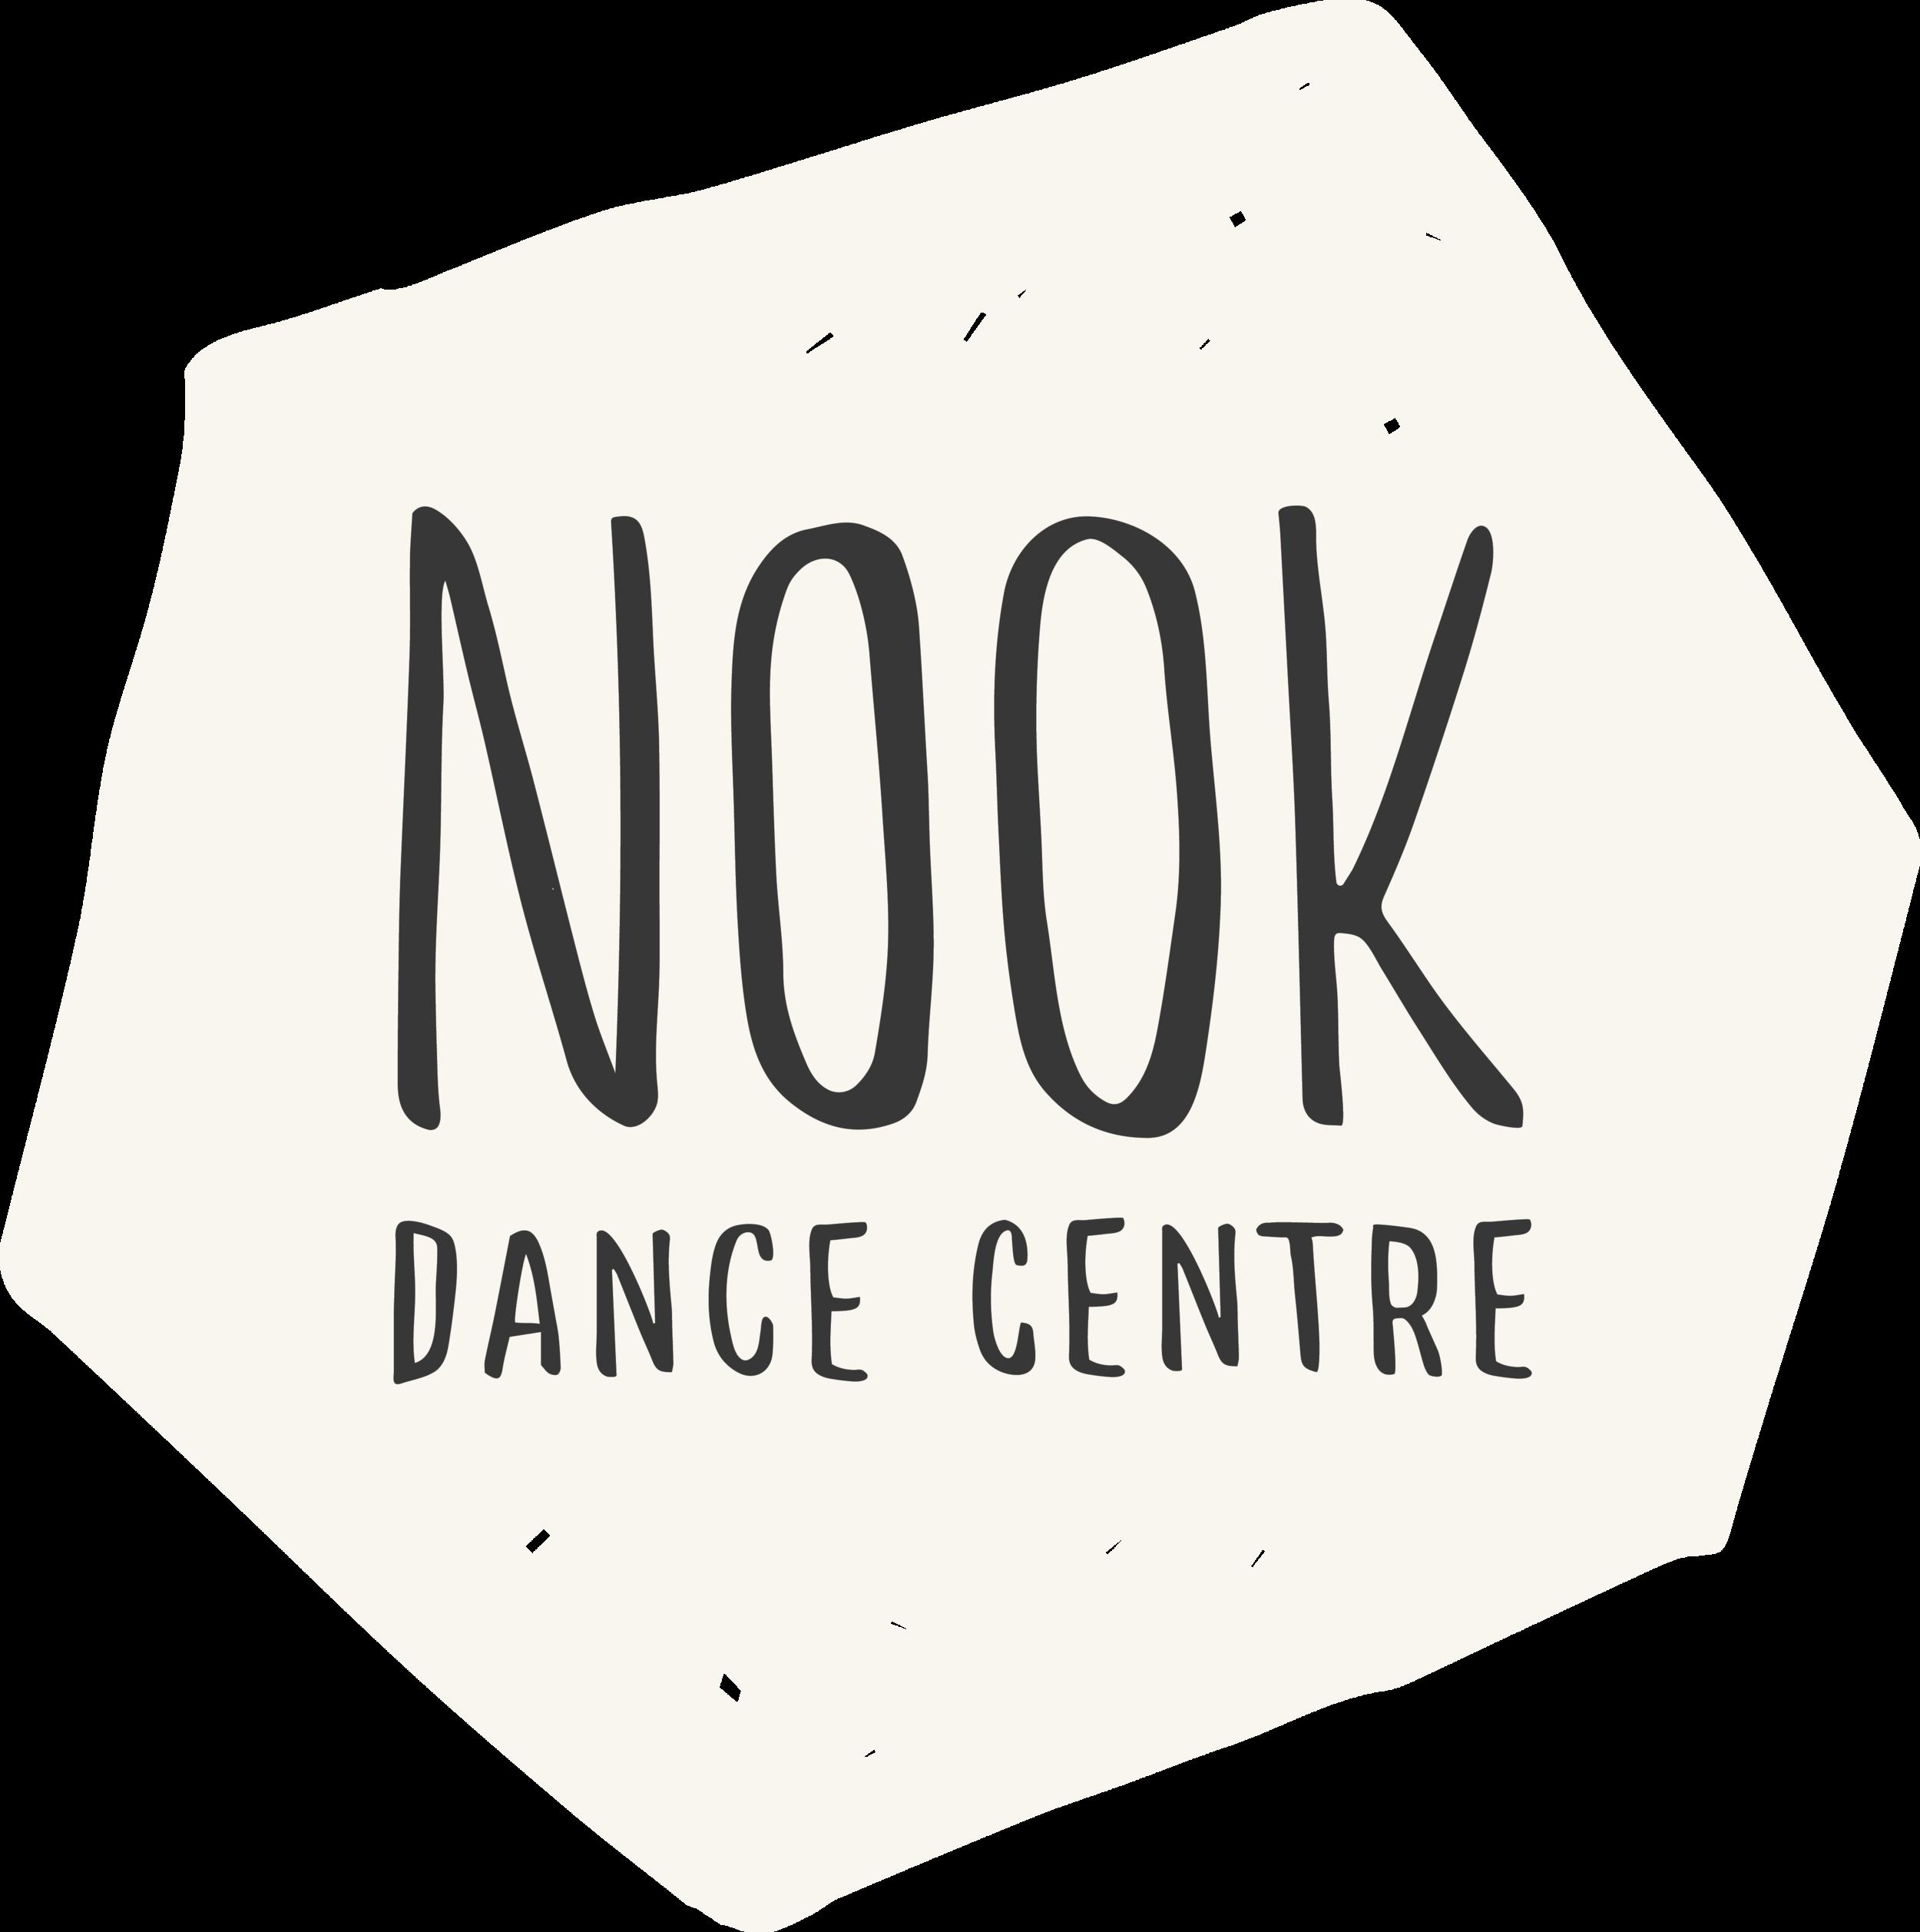 Nook Logo_Shape_Mstr Inverted.png